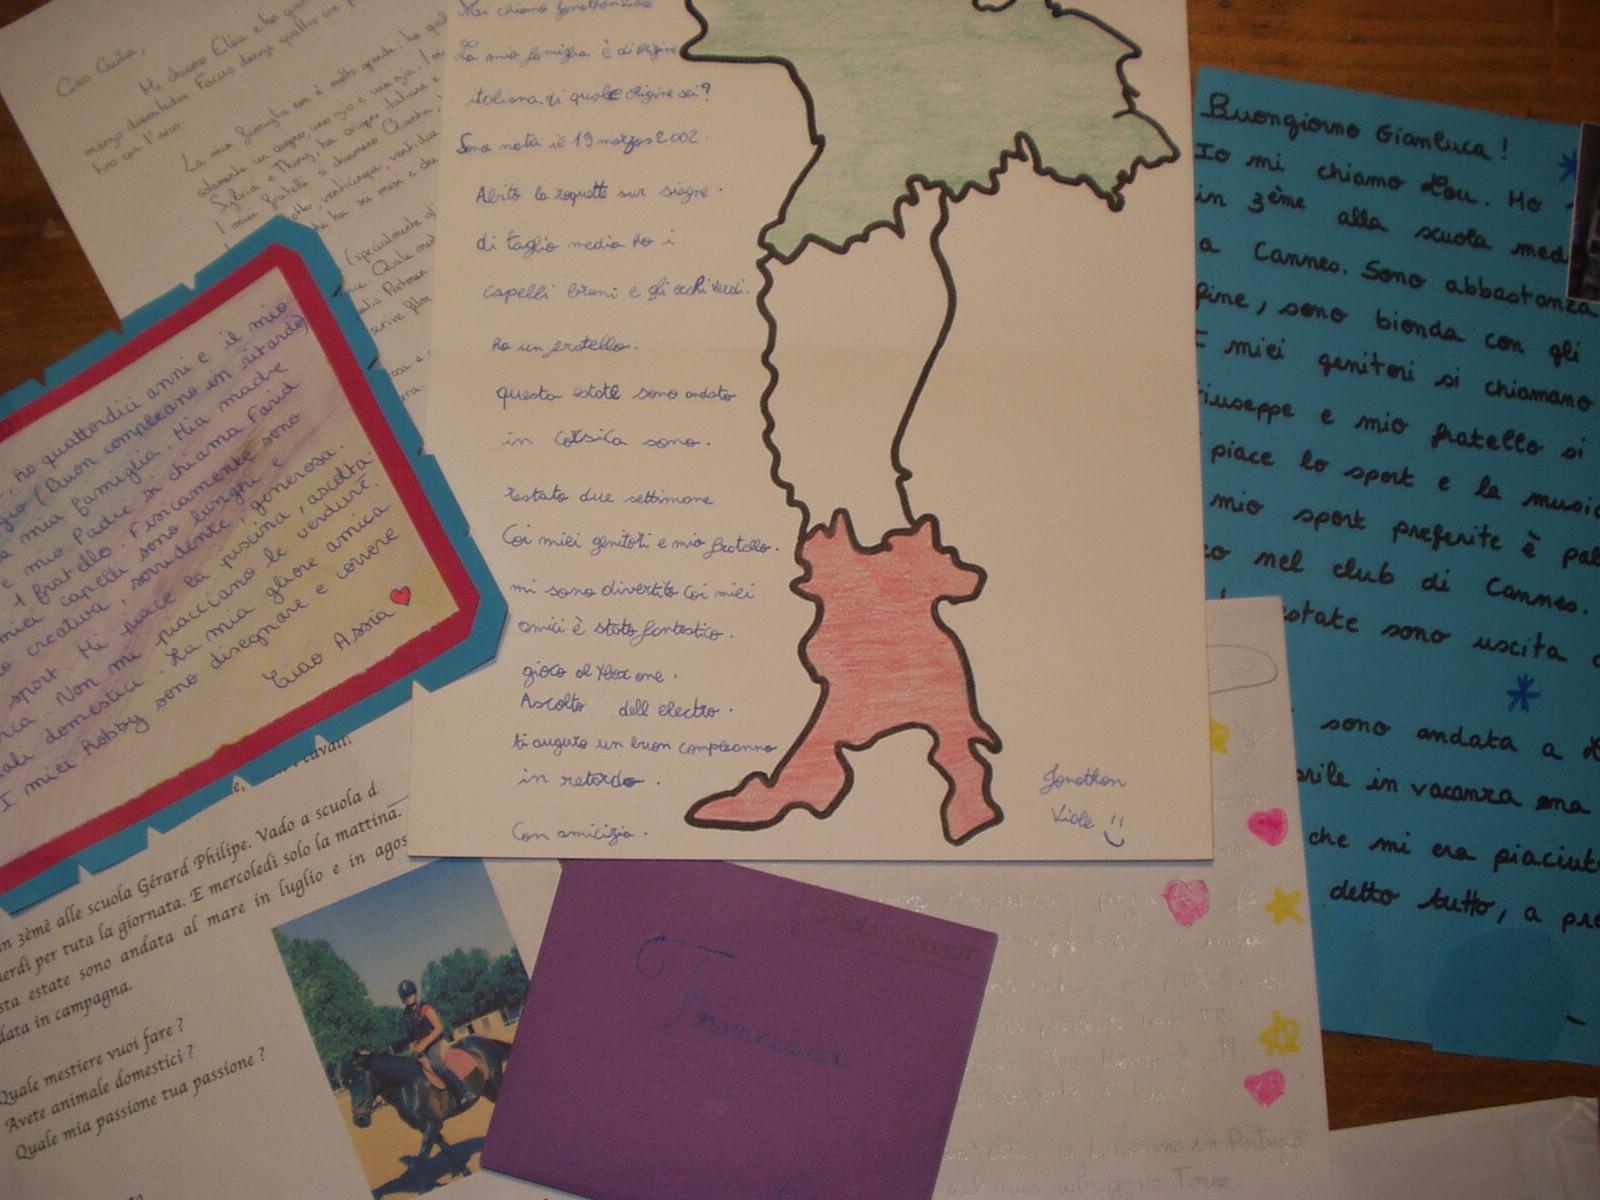 Et voilà nos réponses! Dans ces premières lettres, nous nous sommesprésentés et nous avons échangé autour d'un sujet très important : les vacances !